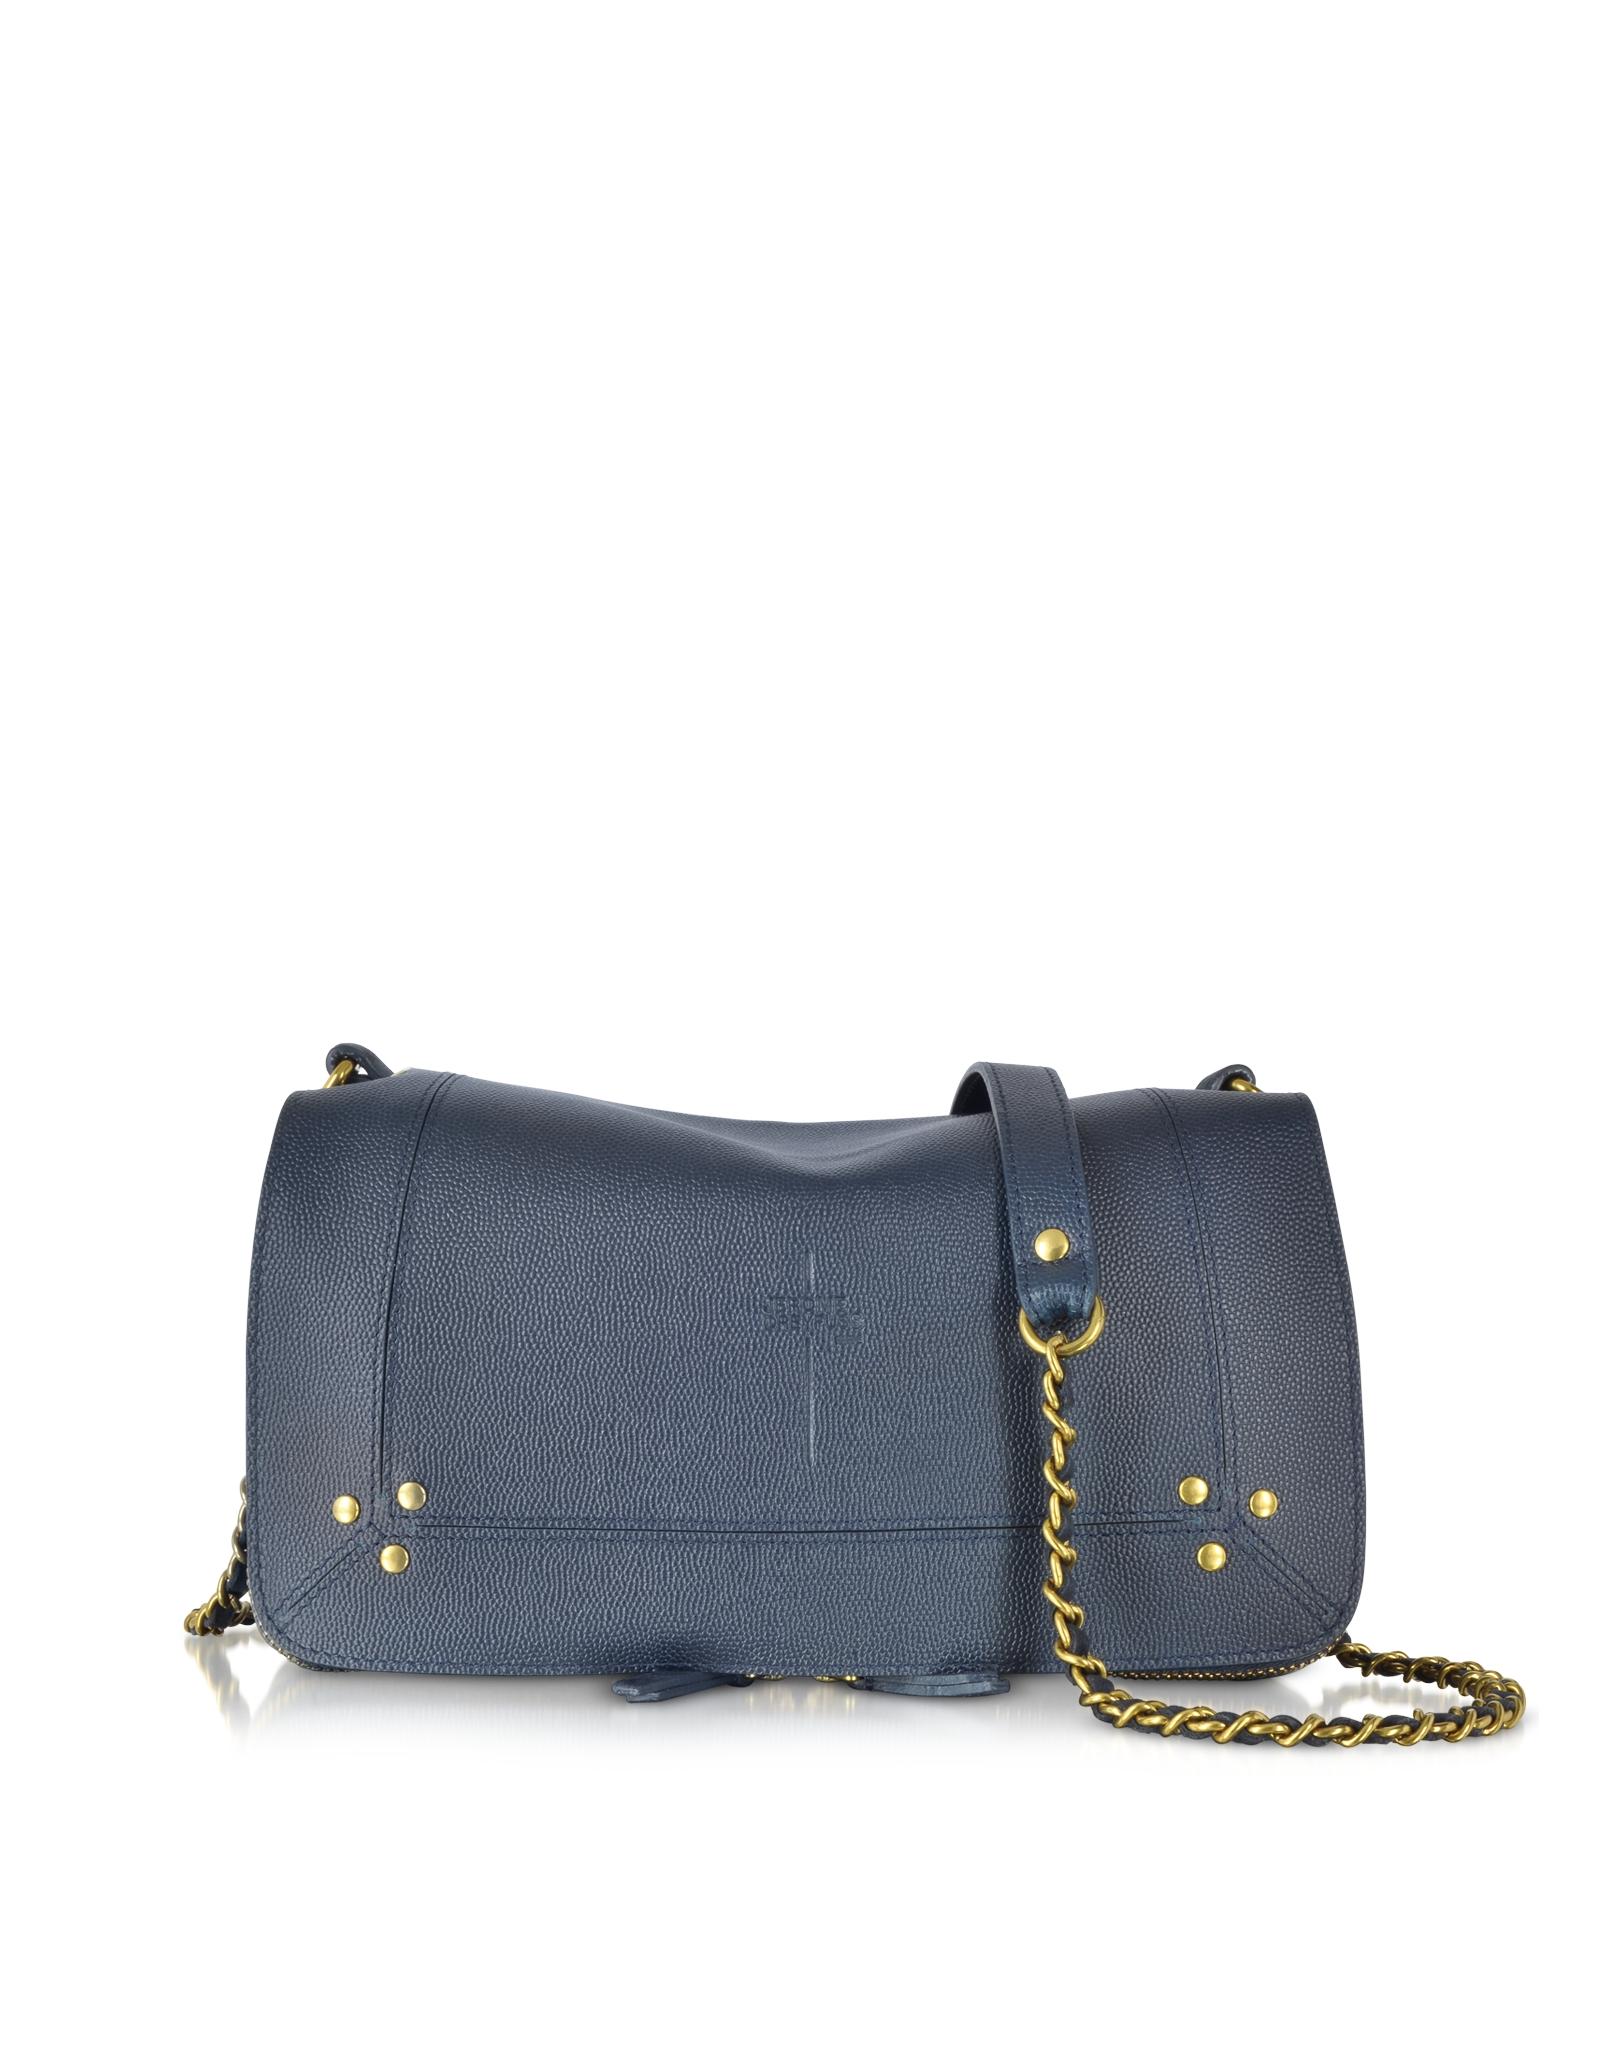 3e0547189 Jérôme Dreyfuss Bobi Navy Leather Shoulder Bag in Blue - Lyst